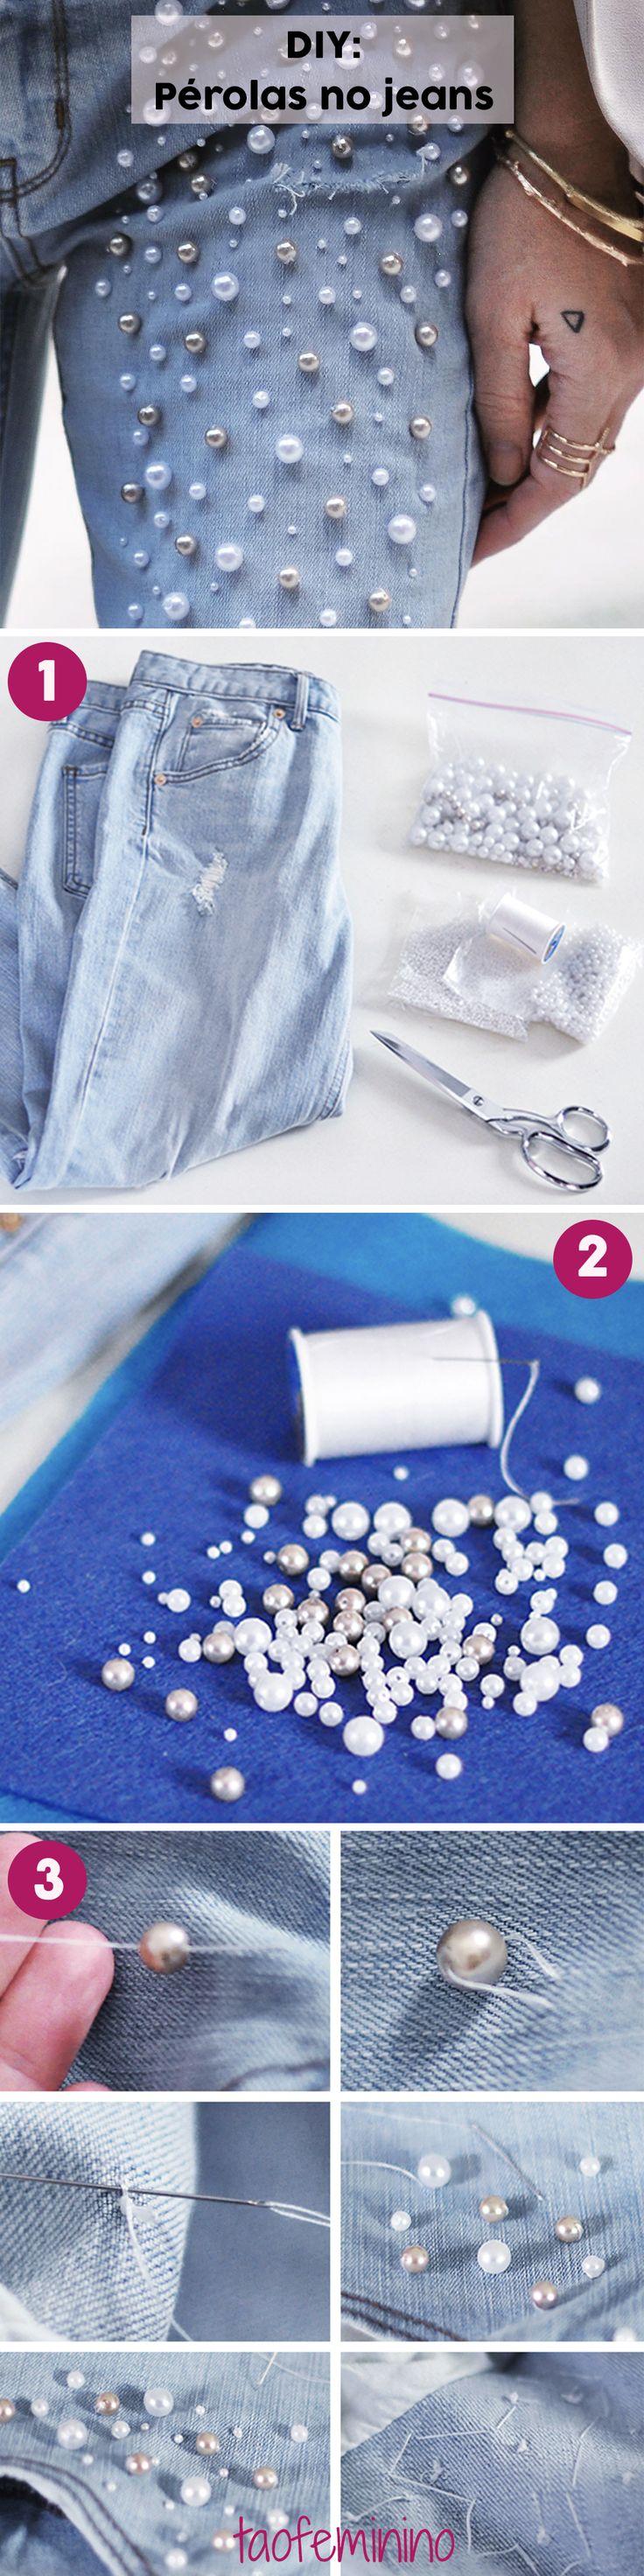 DIY - Como aplicar pérolas no jeans